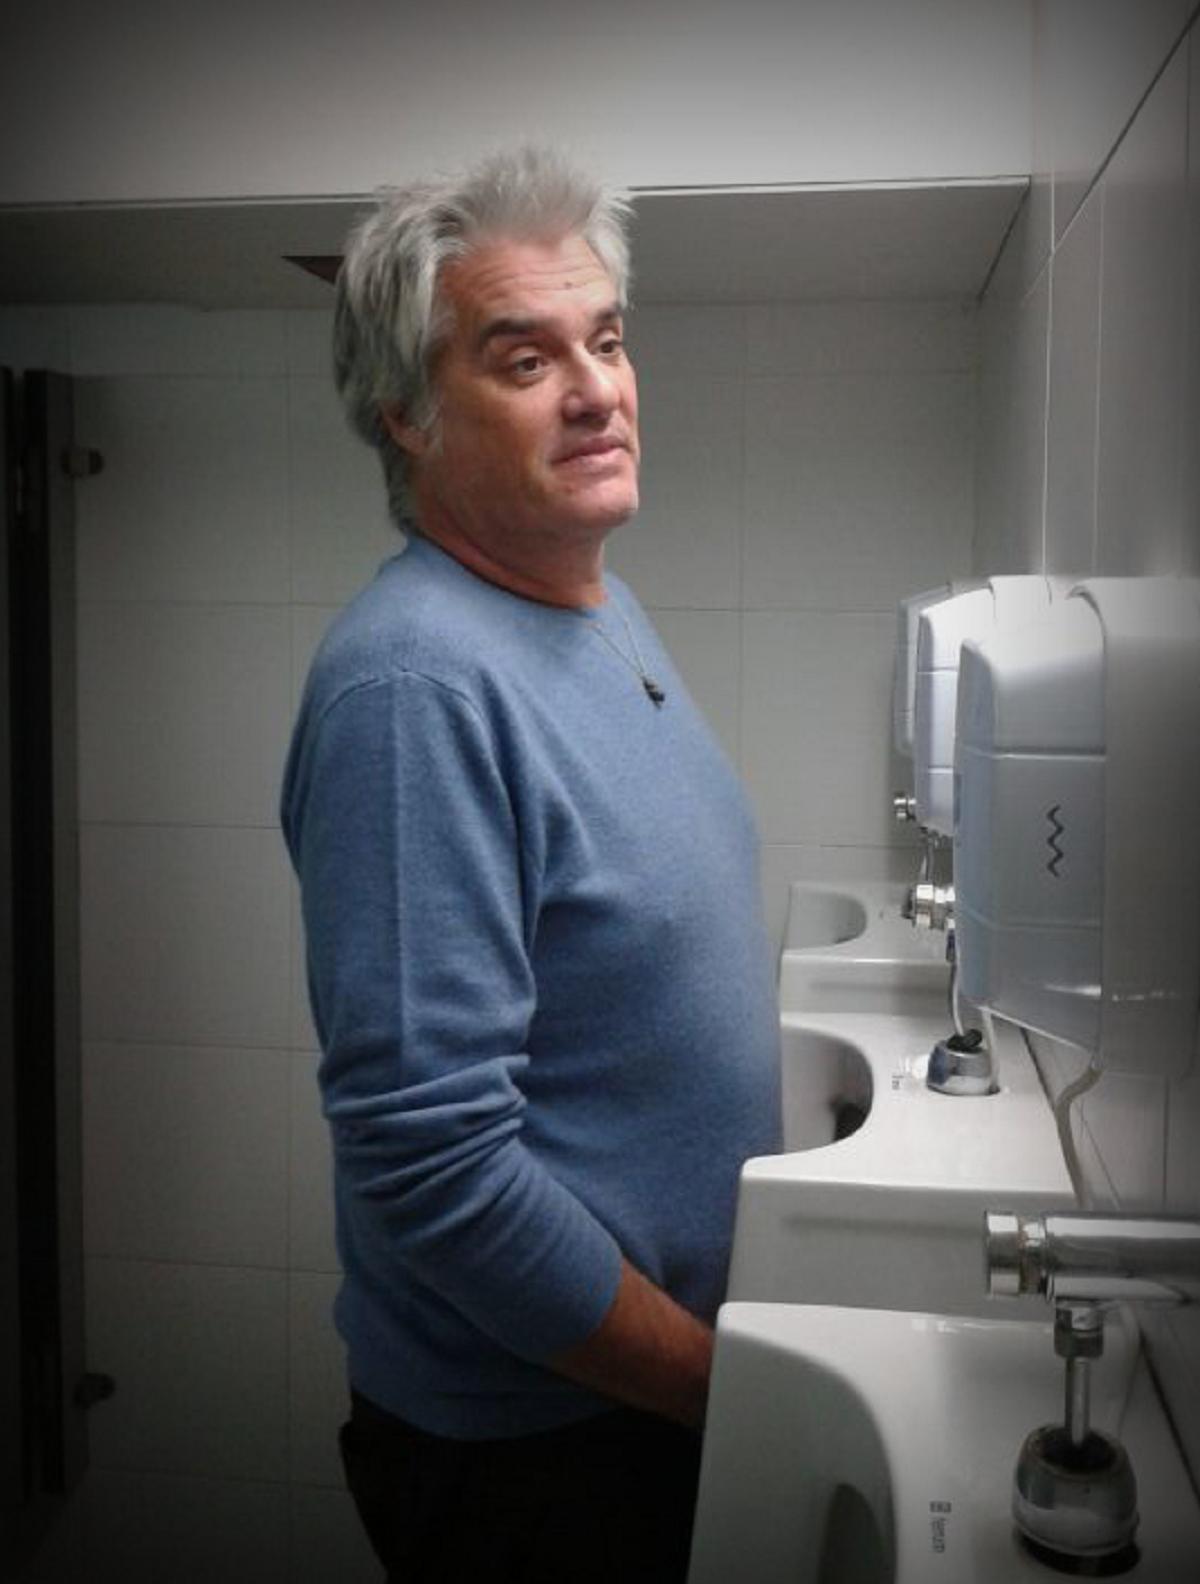 No aclares que oscurece: Pettinato buscó terminar con la polémica sobre el acoso pero la embarró